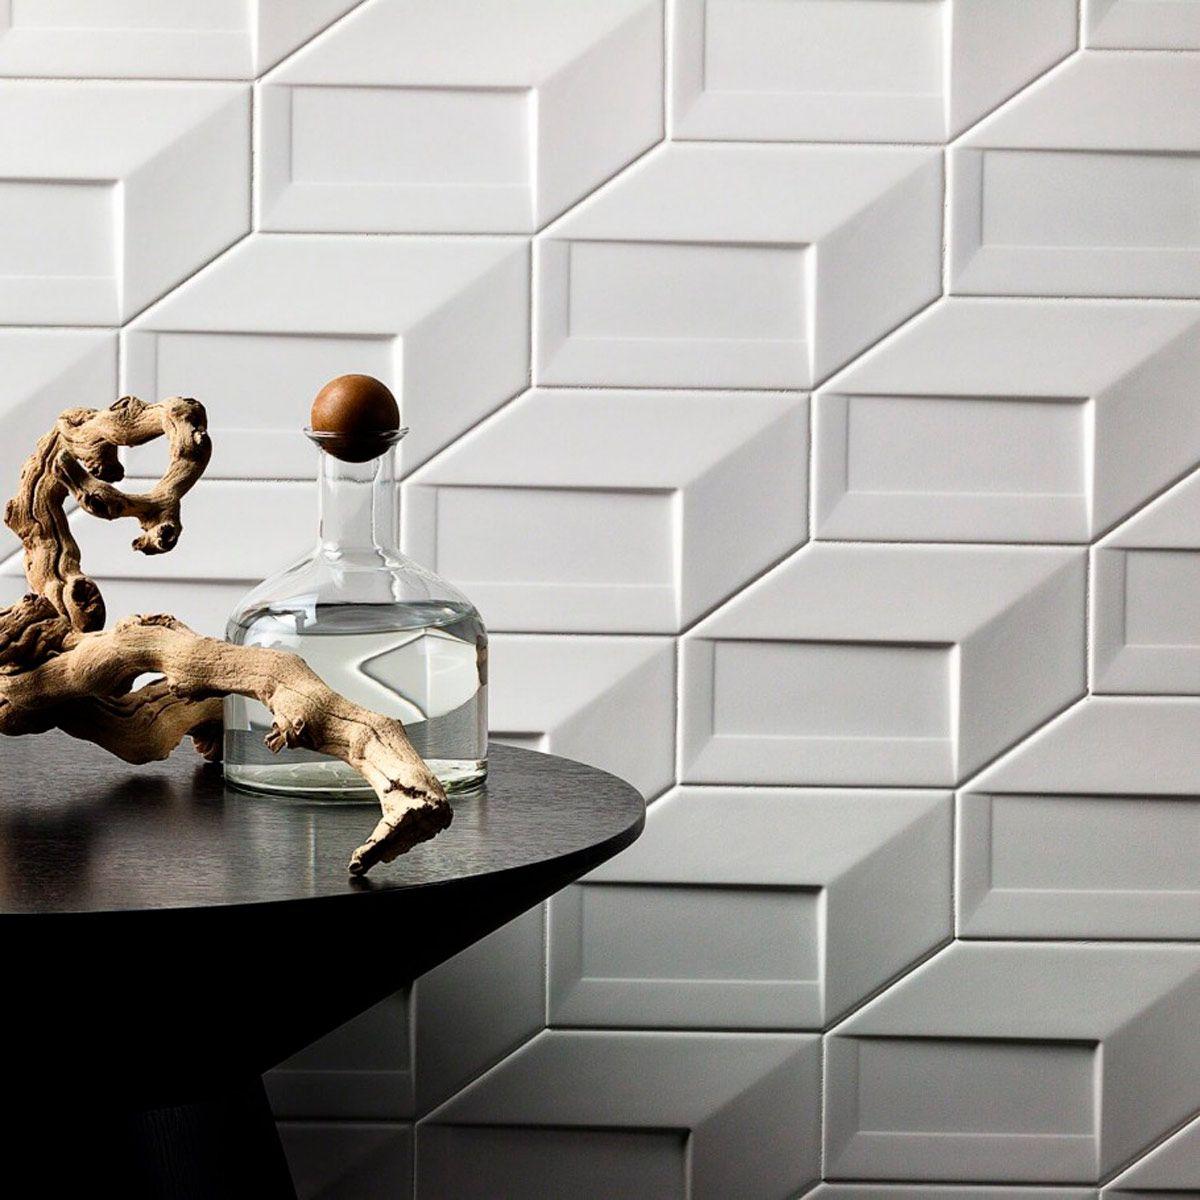 Why You Should Avoid The Ceramic 3d Tile Trend Tile Trends Kitchen Remodel Countertops Diy Kitchen Backsplash